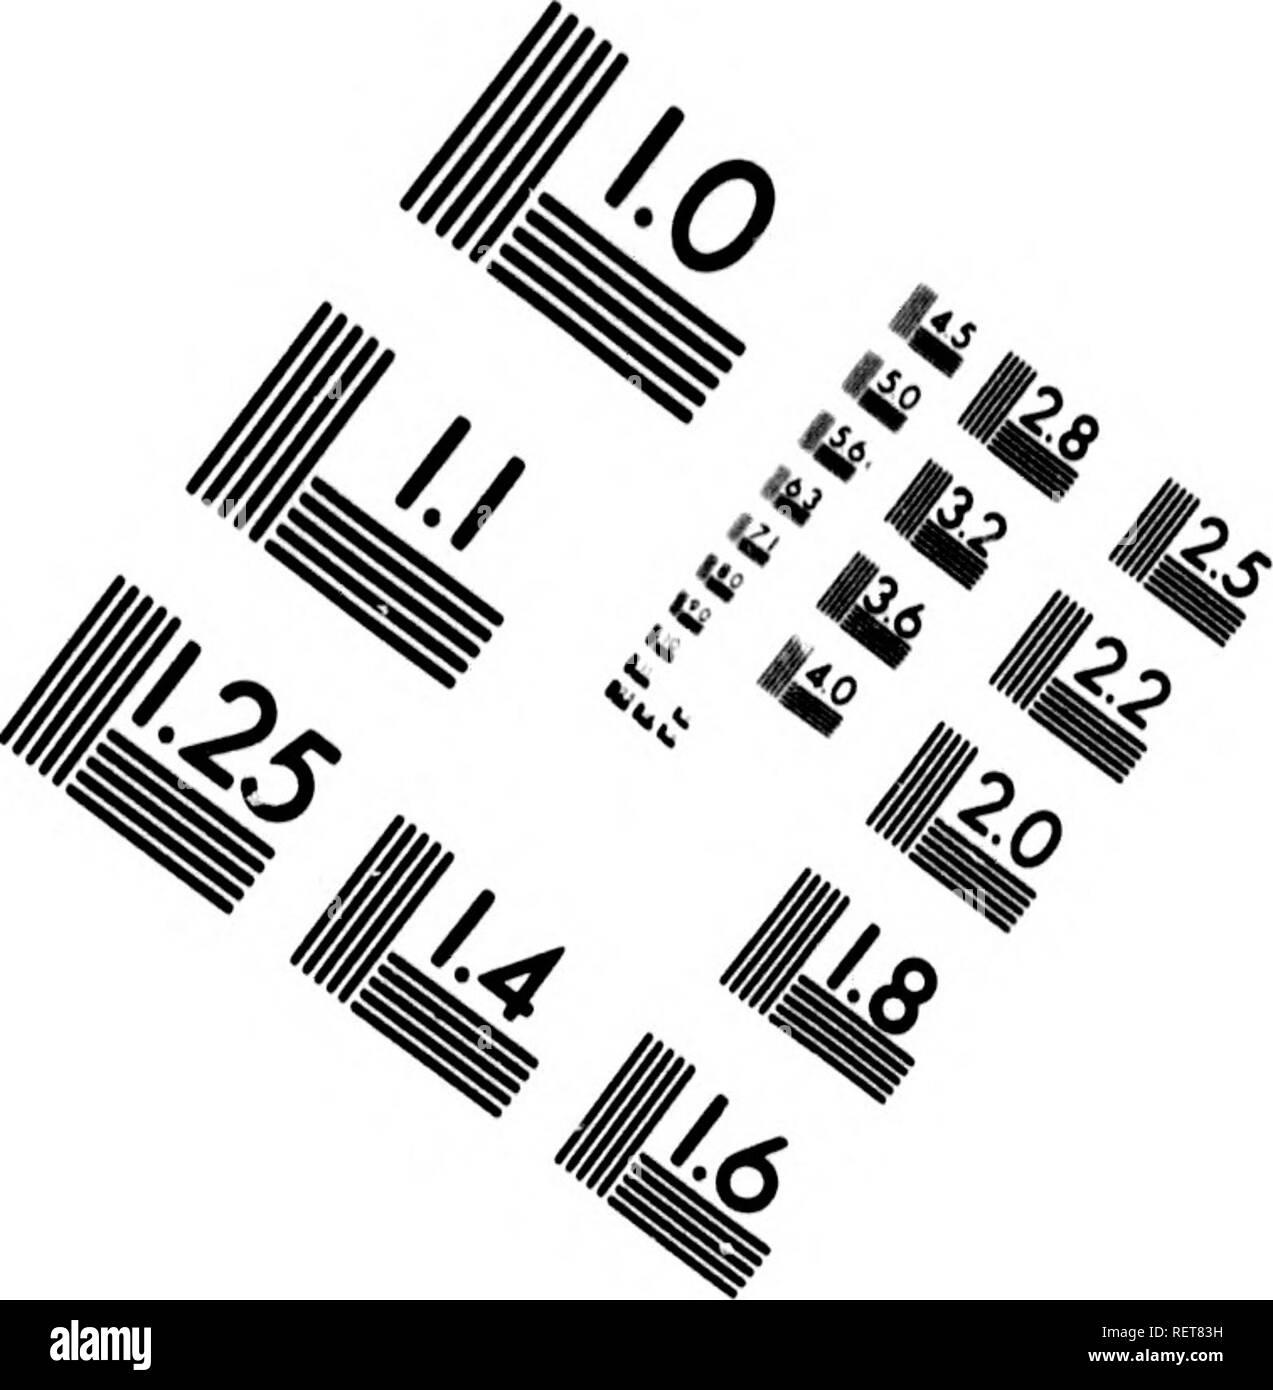 . Histoire naturelle de Buffon [microforme] : classée par ordres, genres et espèces, d'après le système de Linné avec les caractères géné riques et la nomenclature Linnéenne. Sciences naturelles; Ornithologie; Natural history; Ornithology. IMAGE EVALUATION TEST TARGET (MT-3). 1.0 l.l 1.25 u 1.4 2.0 1.8 1.6 ^-. Please note that these images are extracted from scanned page images that may have been digitally enhanced for readability - coloration and appearance of these illustrations may not perfectly resemble the original work.. Castel, René-Richard, 1758-1832; Buffon, Georges Louis Leclerc, com - Stock Image